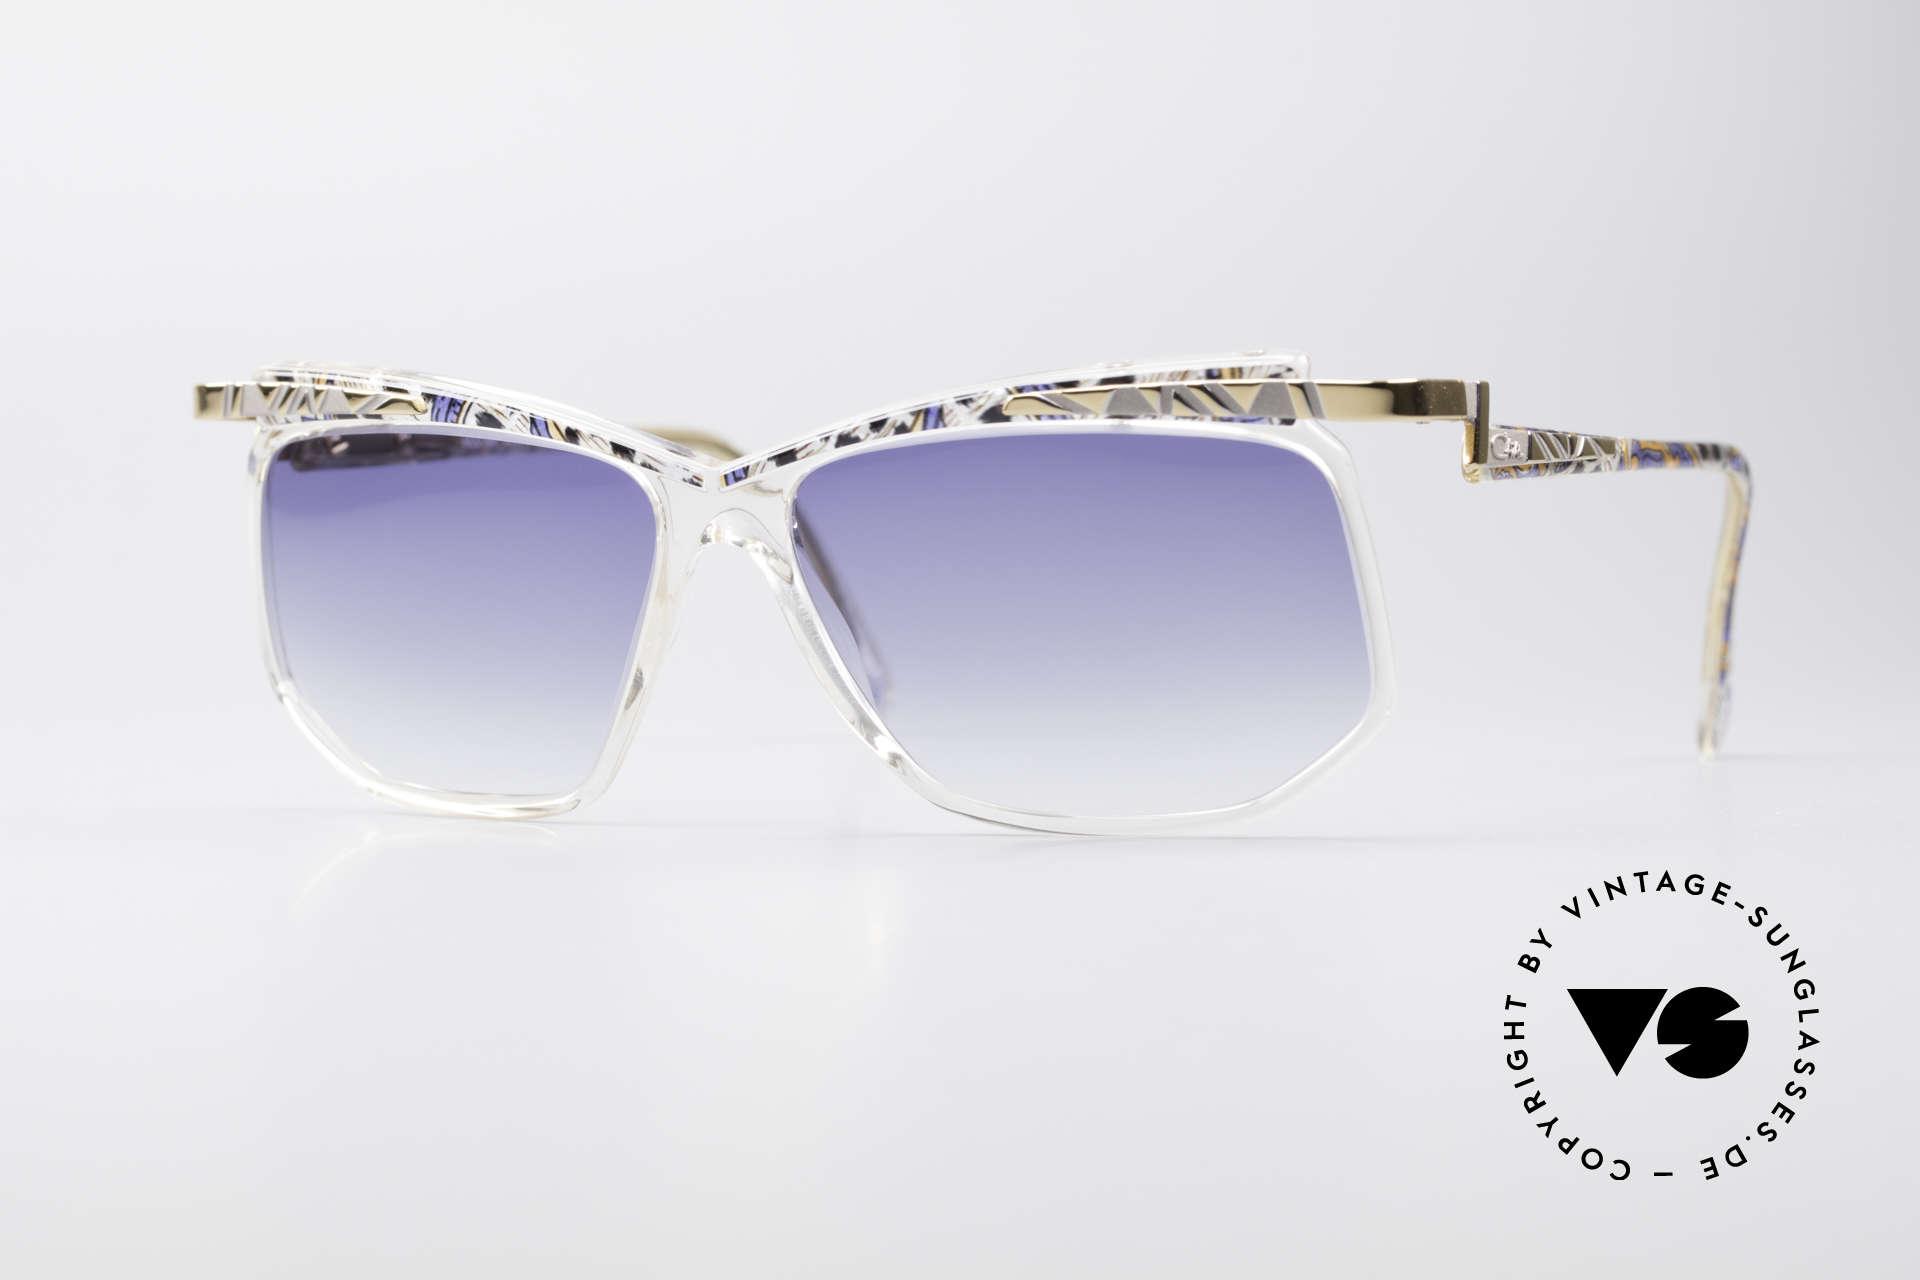 Cazal 366 Vintage Crystal Fassung 90er, vintage Sonnenbrille von CAZAL aus dem Jahre 1996, Passend für Herren und Damen